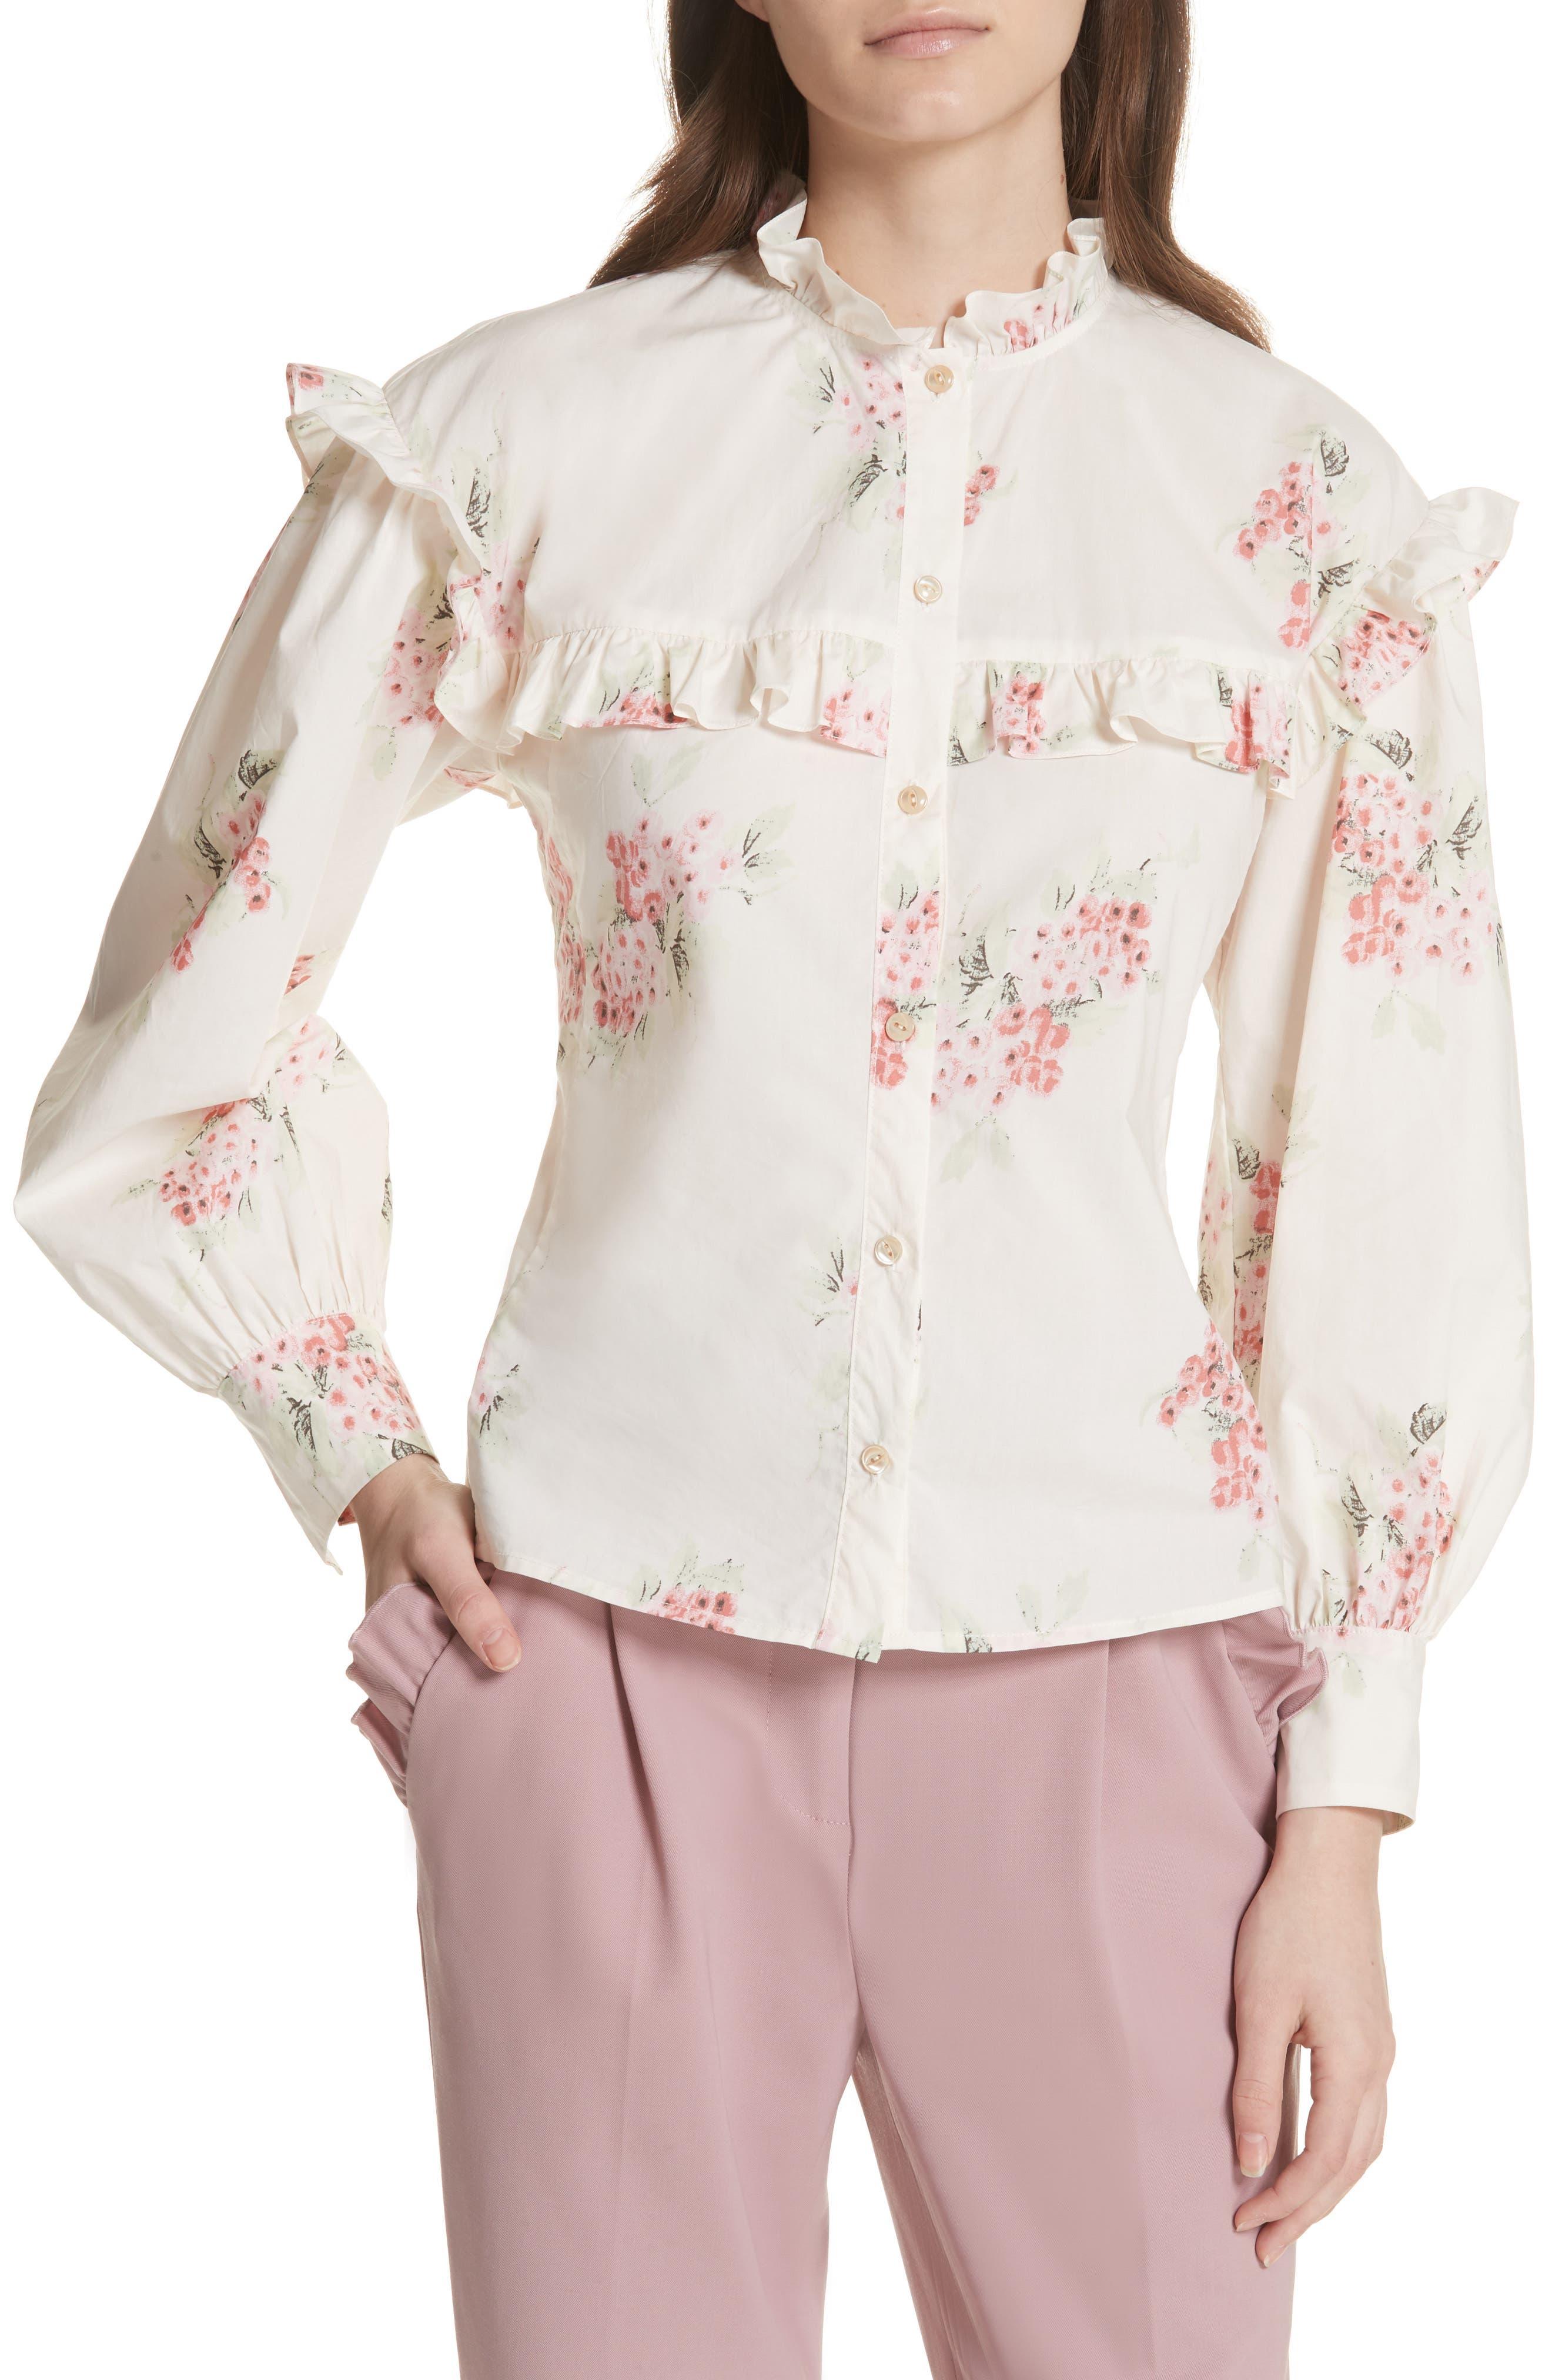 Maia Ruffled Floral Top,                         Main,                         color, Vanilla Combo